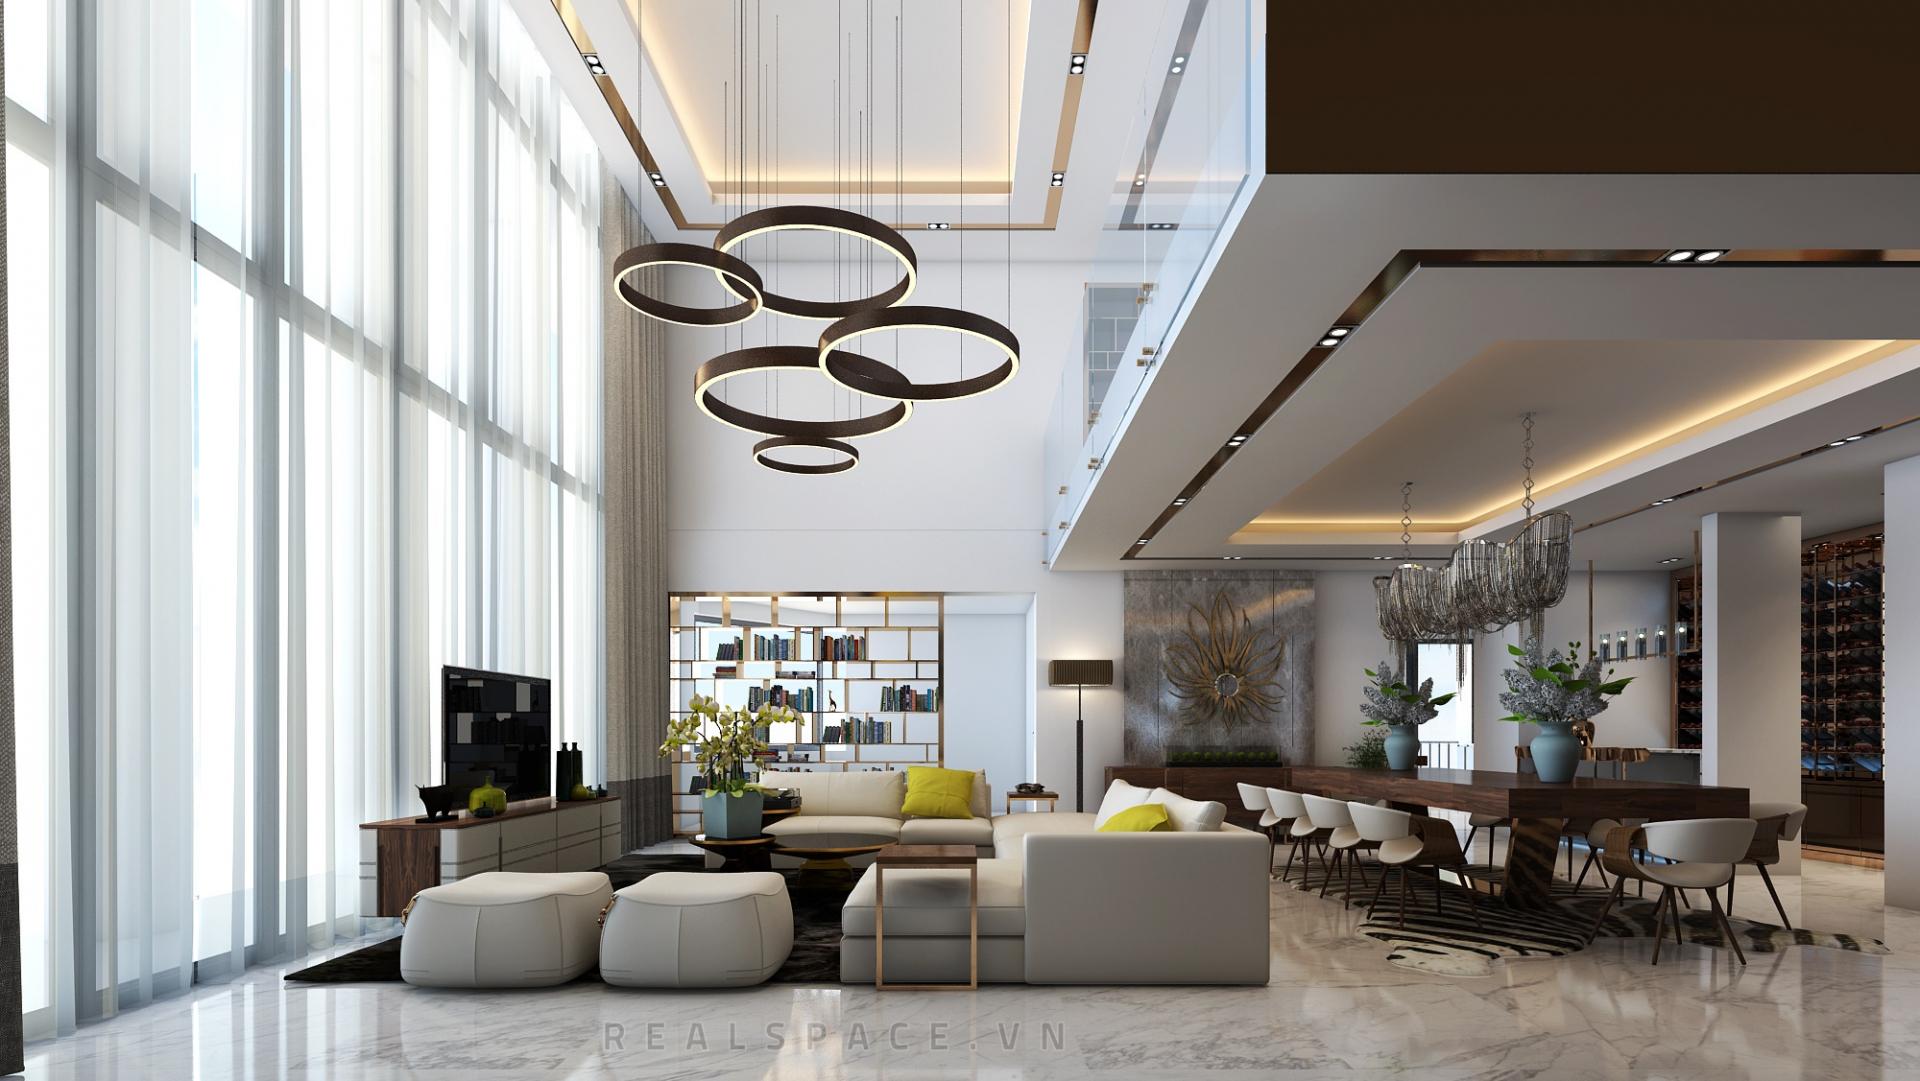 Thiết kế nội thất căn hộ chung cư Duplex tại Ciputra - Anh Trường